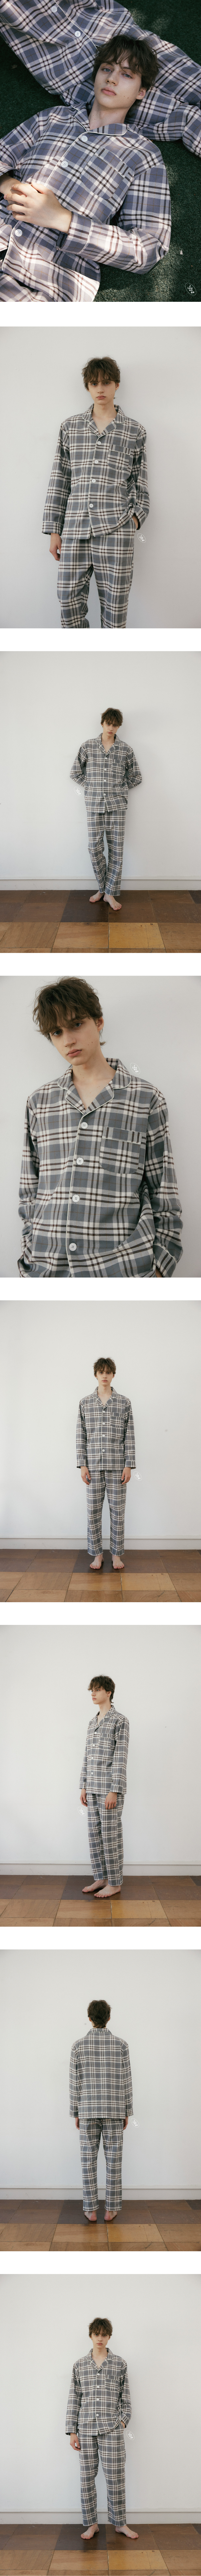 조스라운지(JOSLOUNGE) (m) Berlin Pajama Set